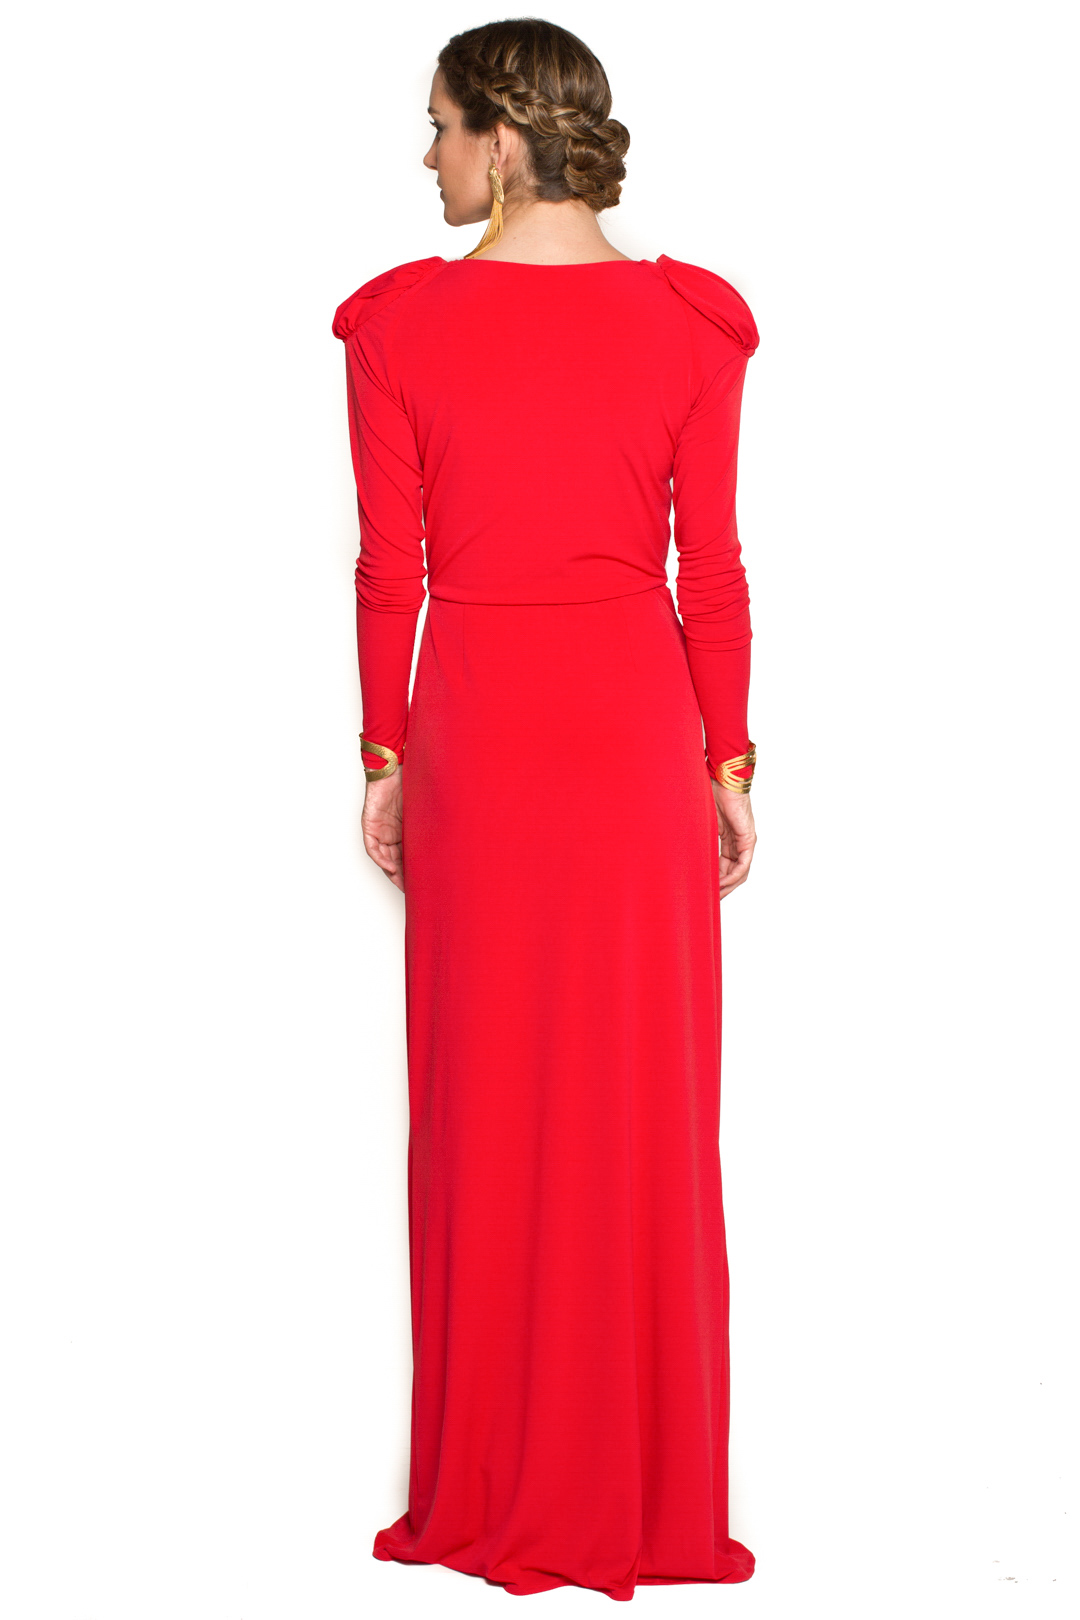 left - Vestido Cher Rojo